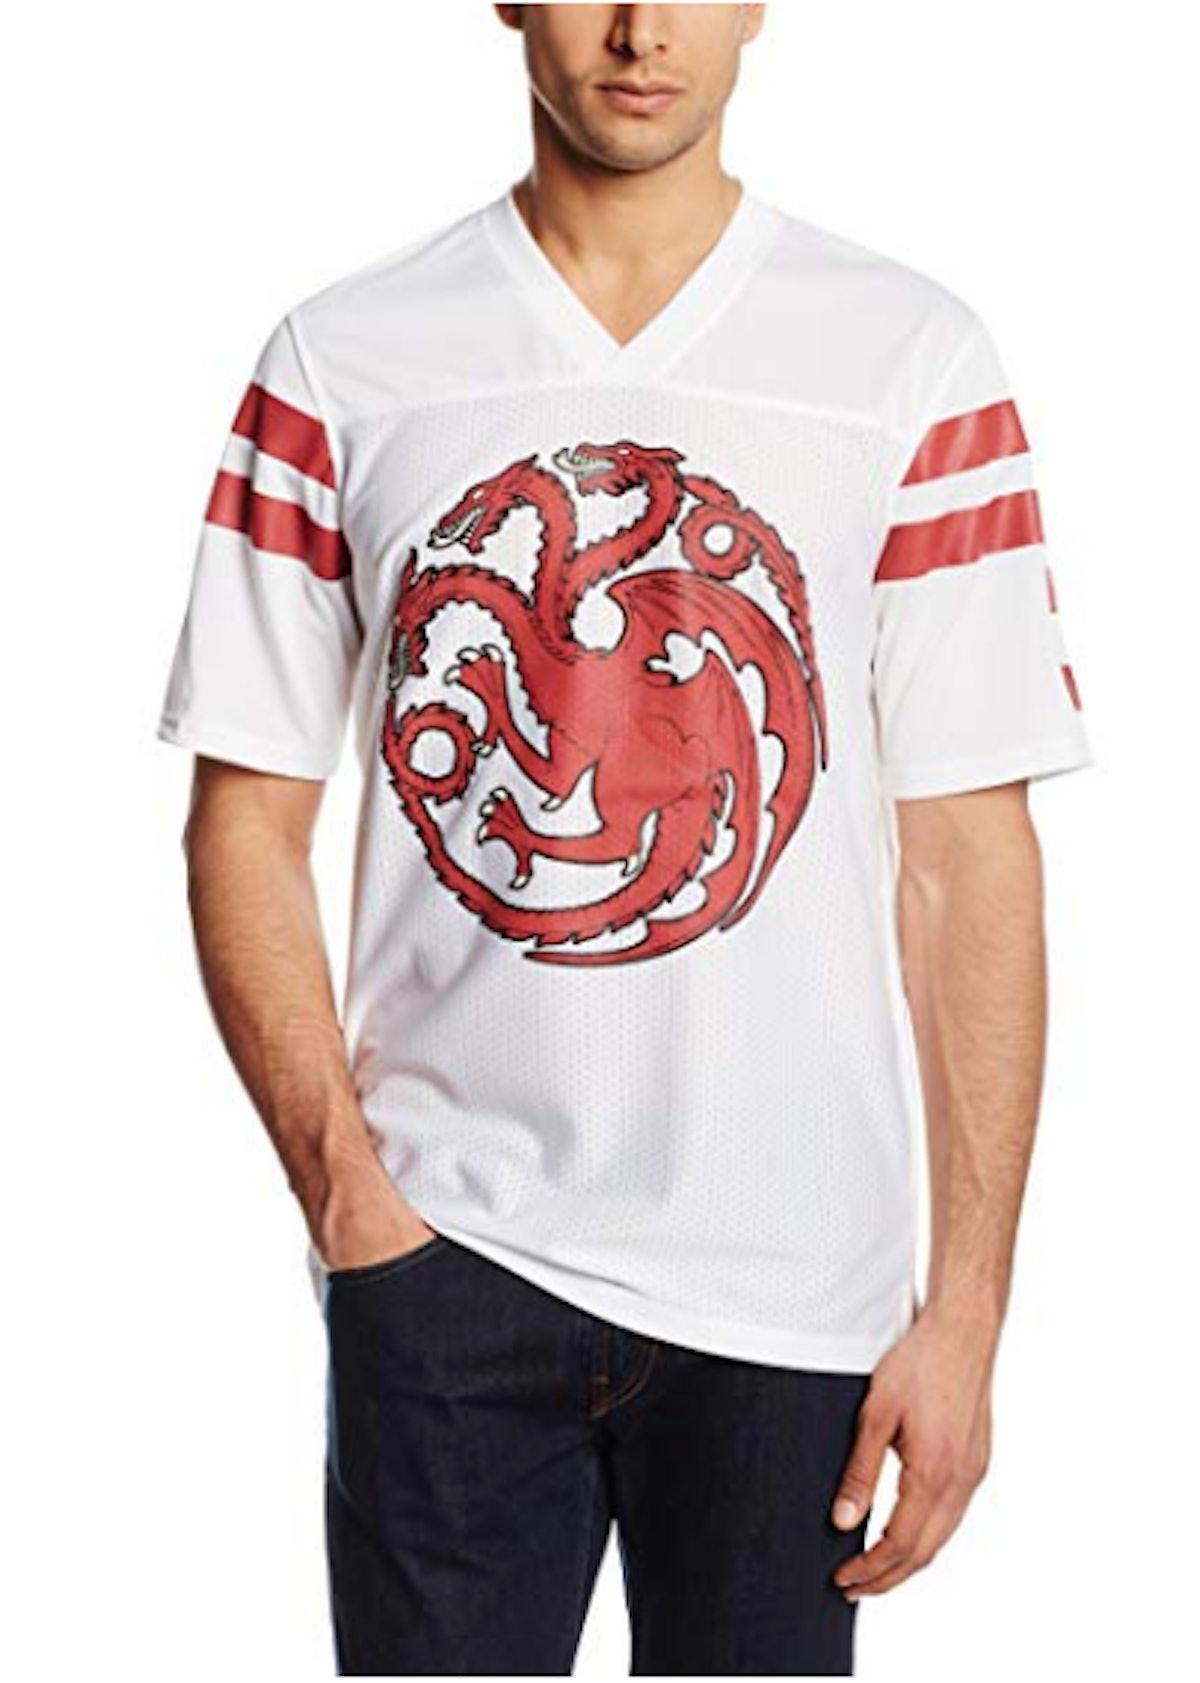 Men's Got Targaryen Football Jersey T-Shirt